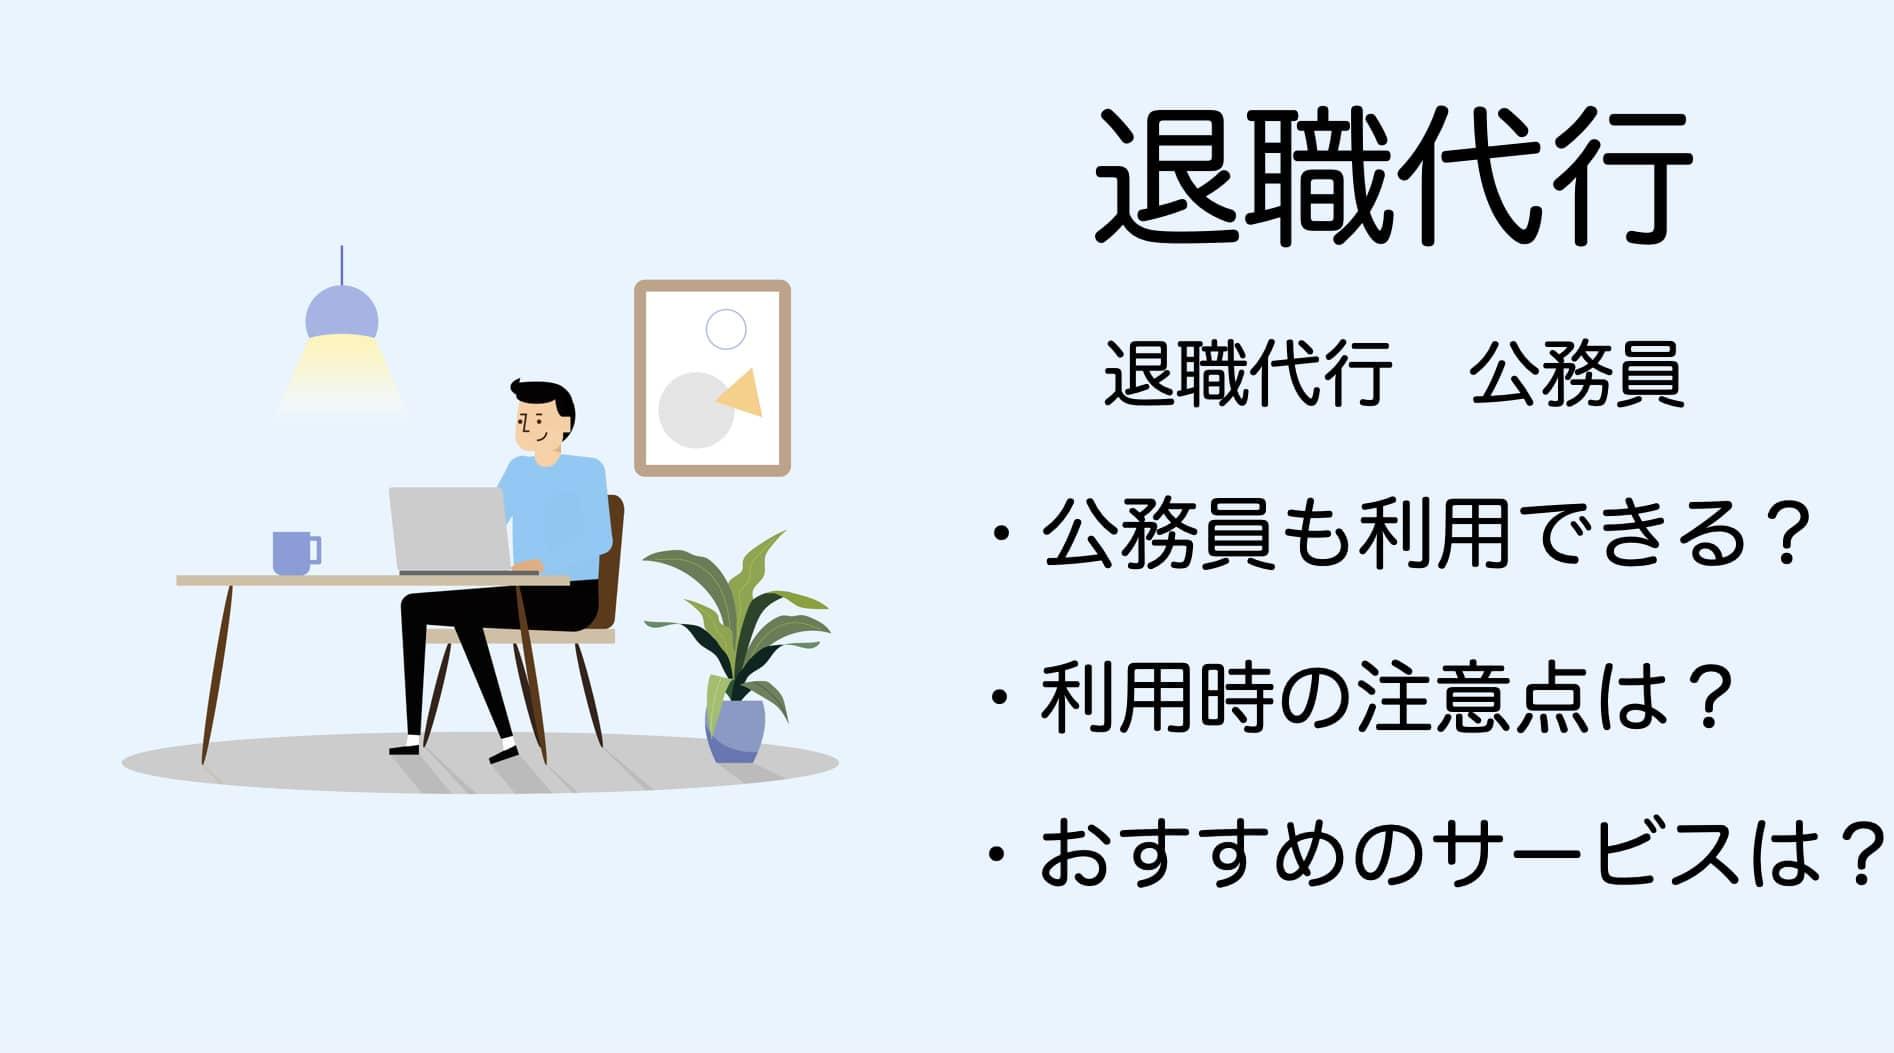 退職代行は公務員も使える?その注意点や一般企業との違いを解説!